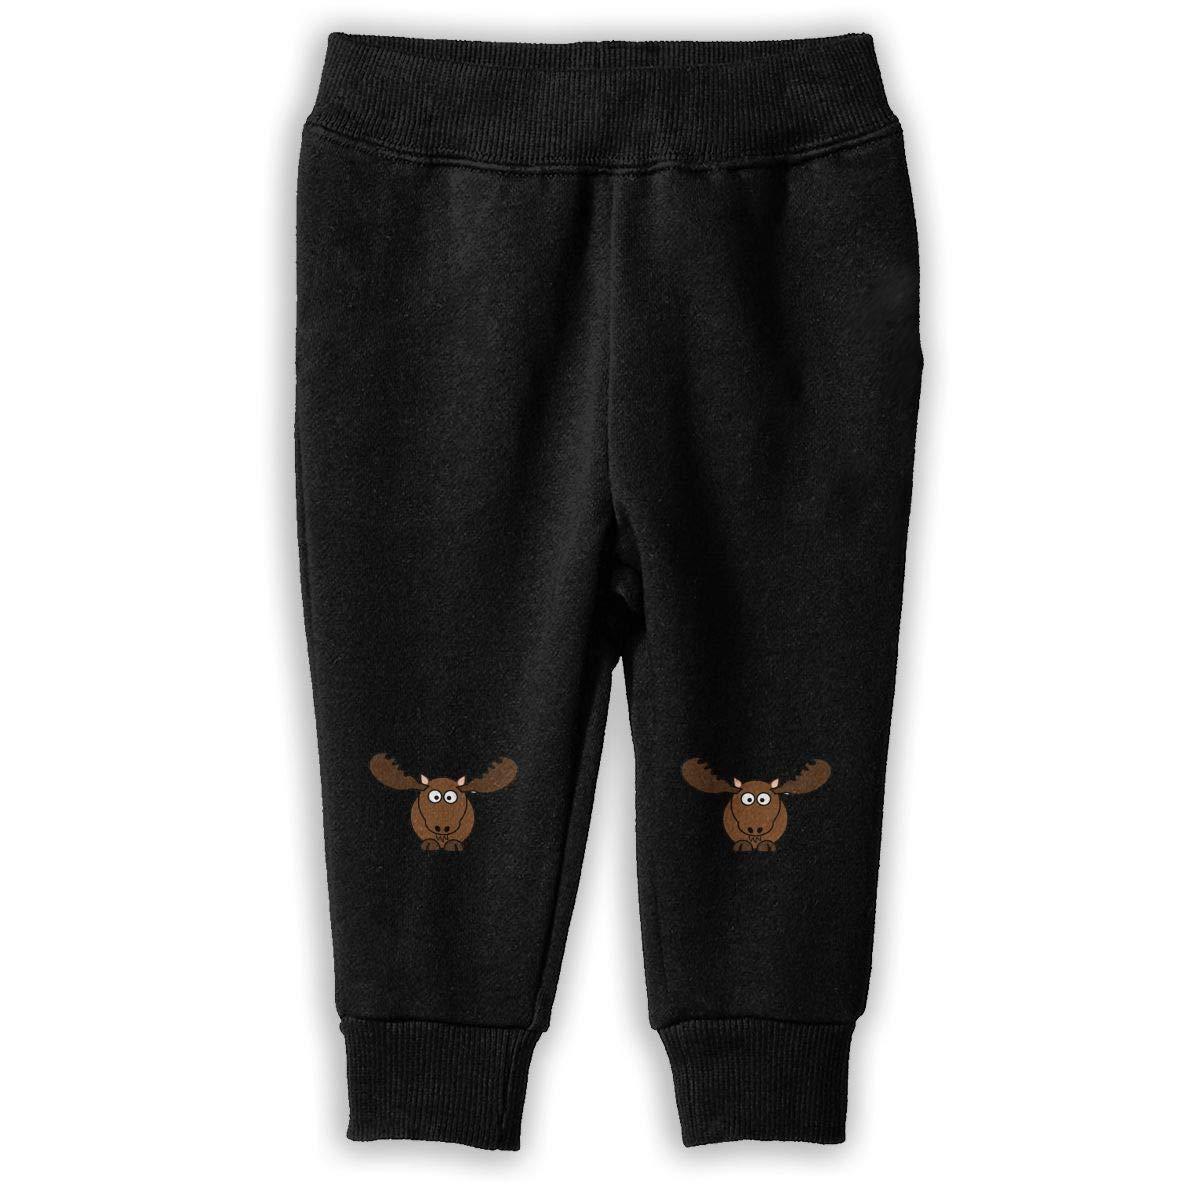 Moose Boys Sweatpants Classic Jogger Pants Active Pants Cotton Pants 2-6T